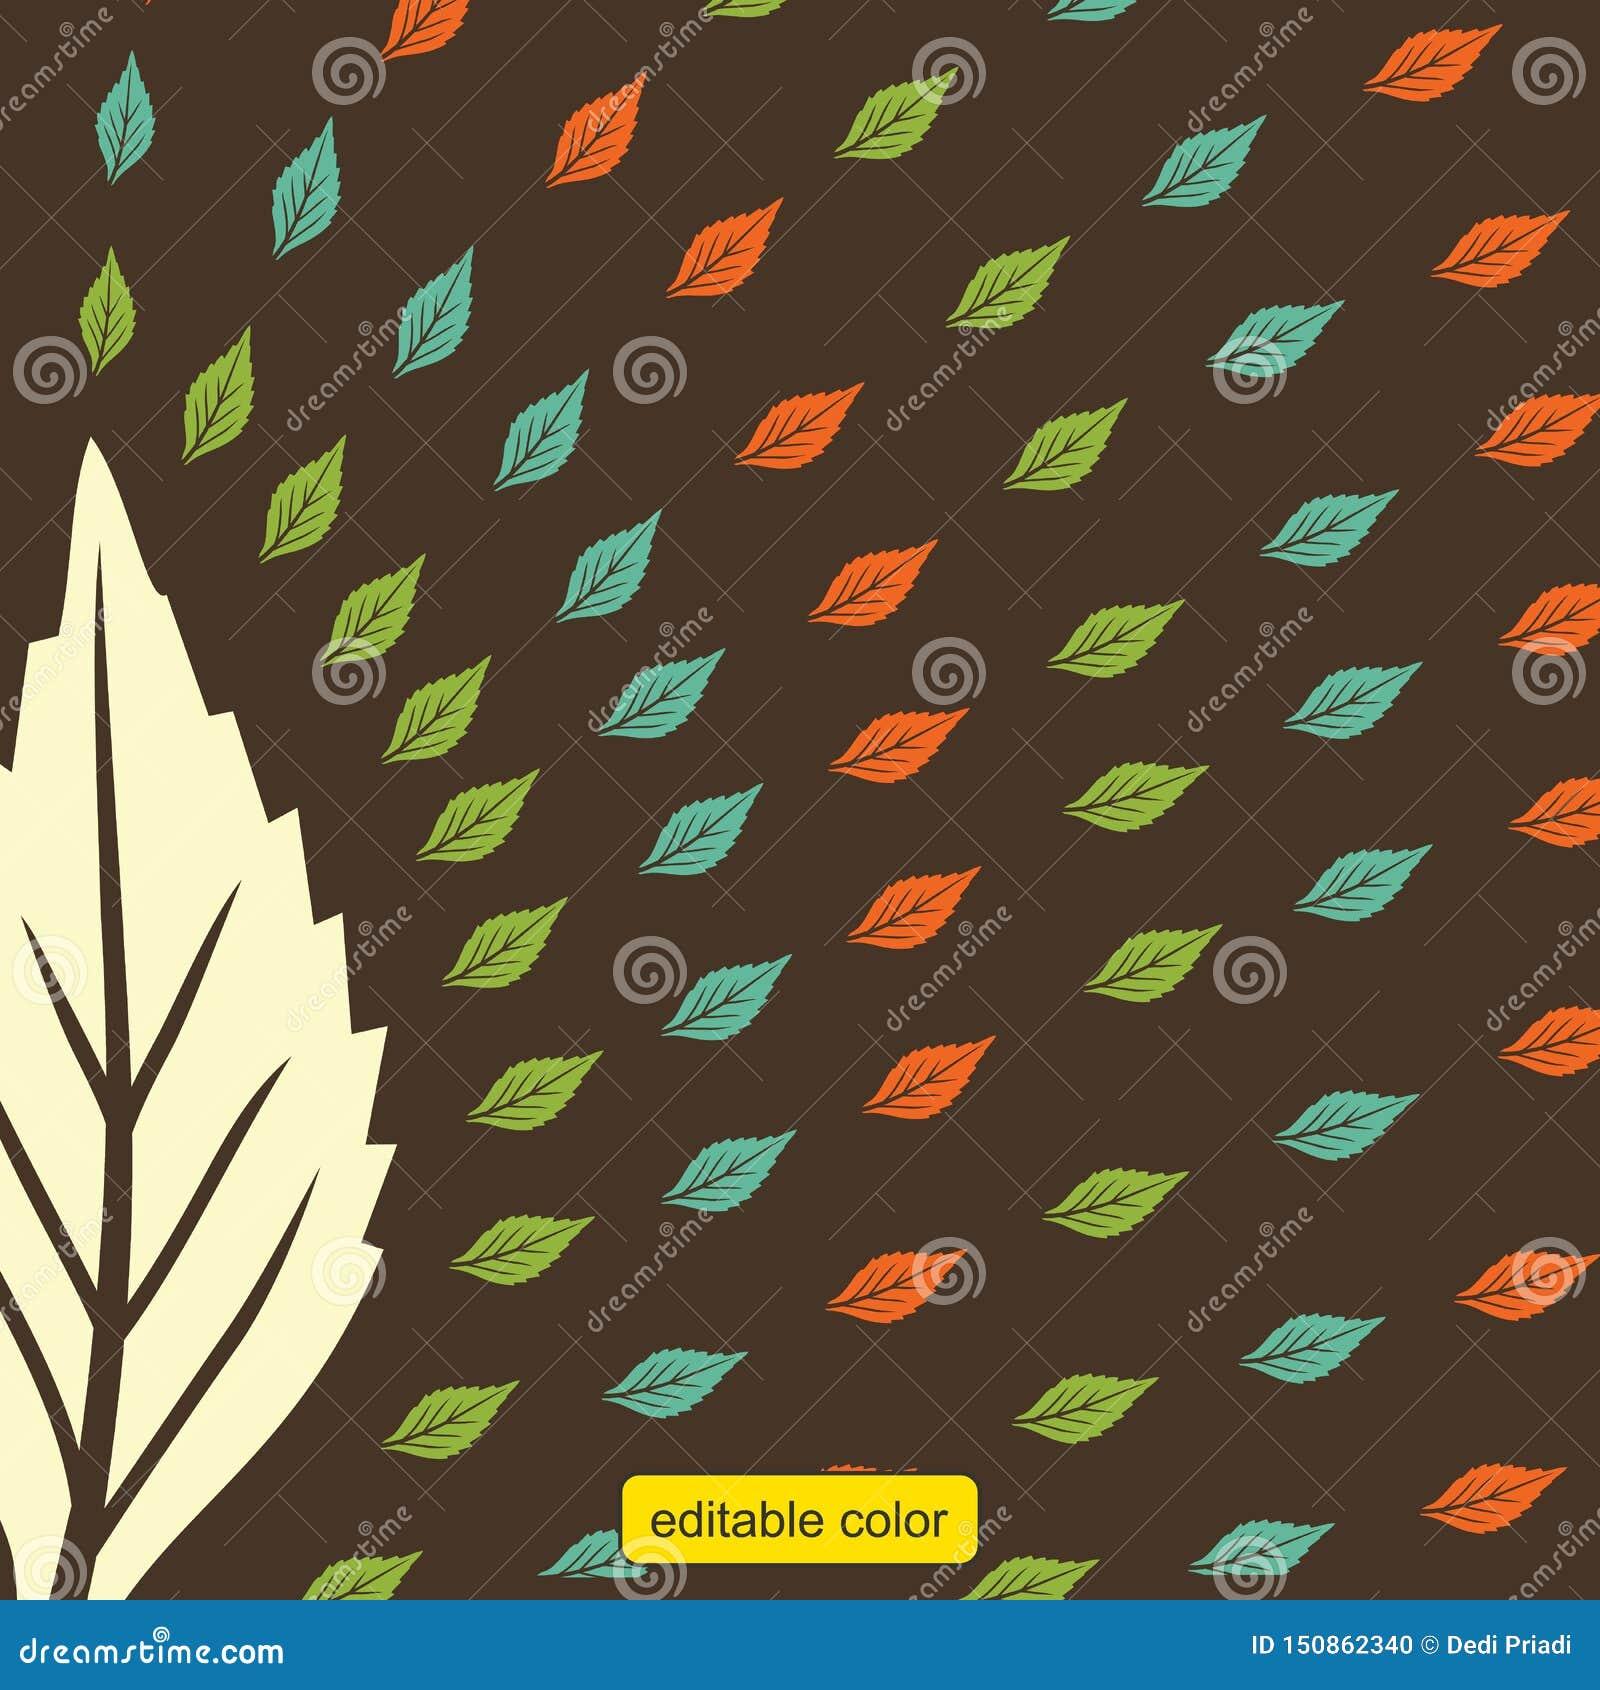 Vetor da cor da folha do teste padrão da cópia